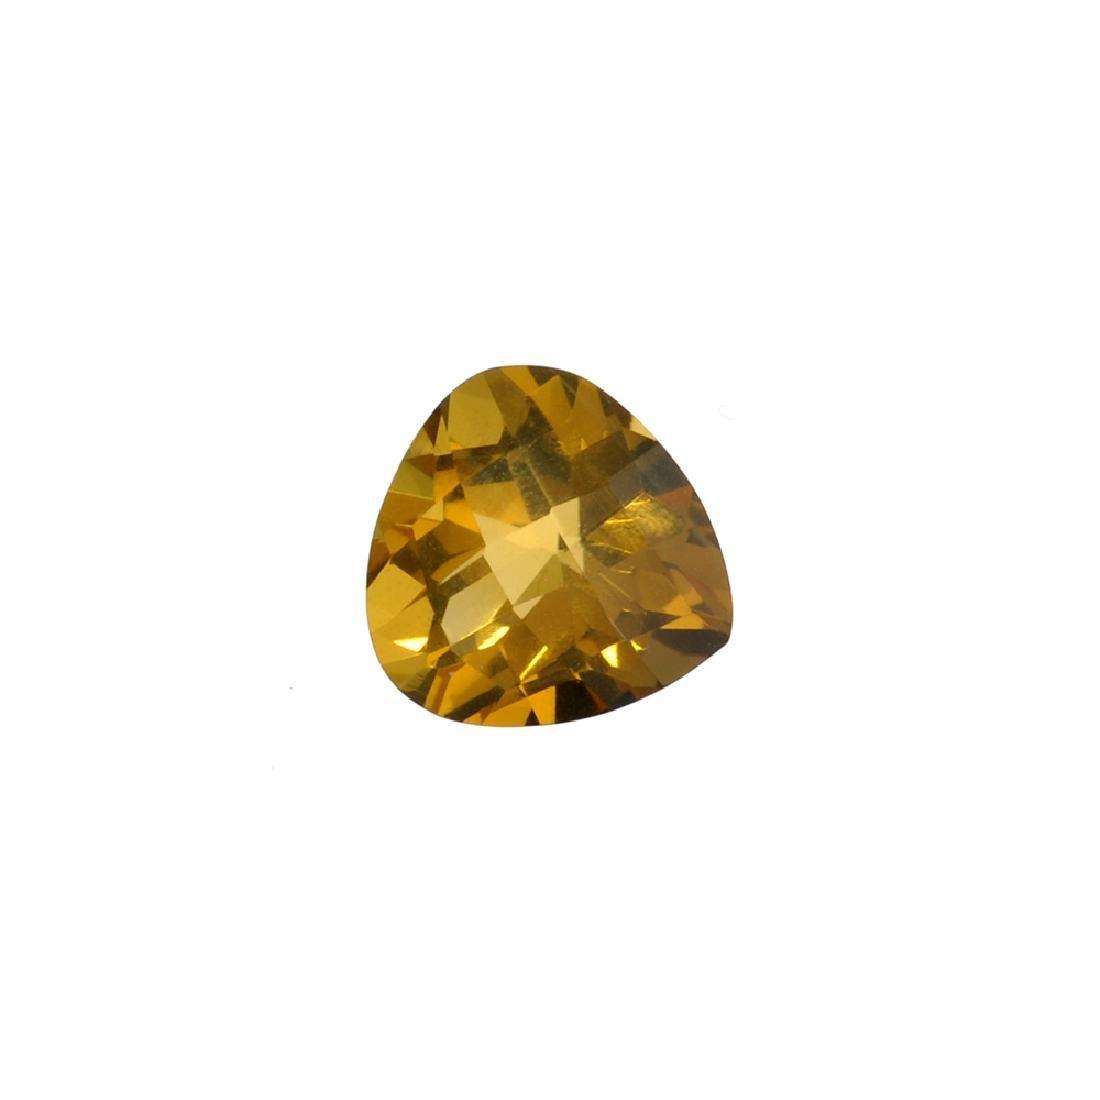 APP: 0.4k 7.56CT Pear Cut Citrine Gemstone